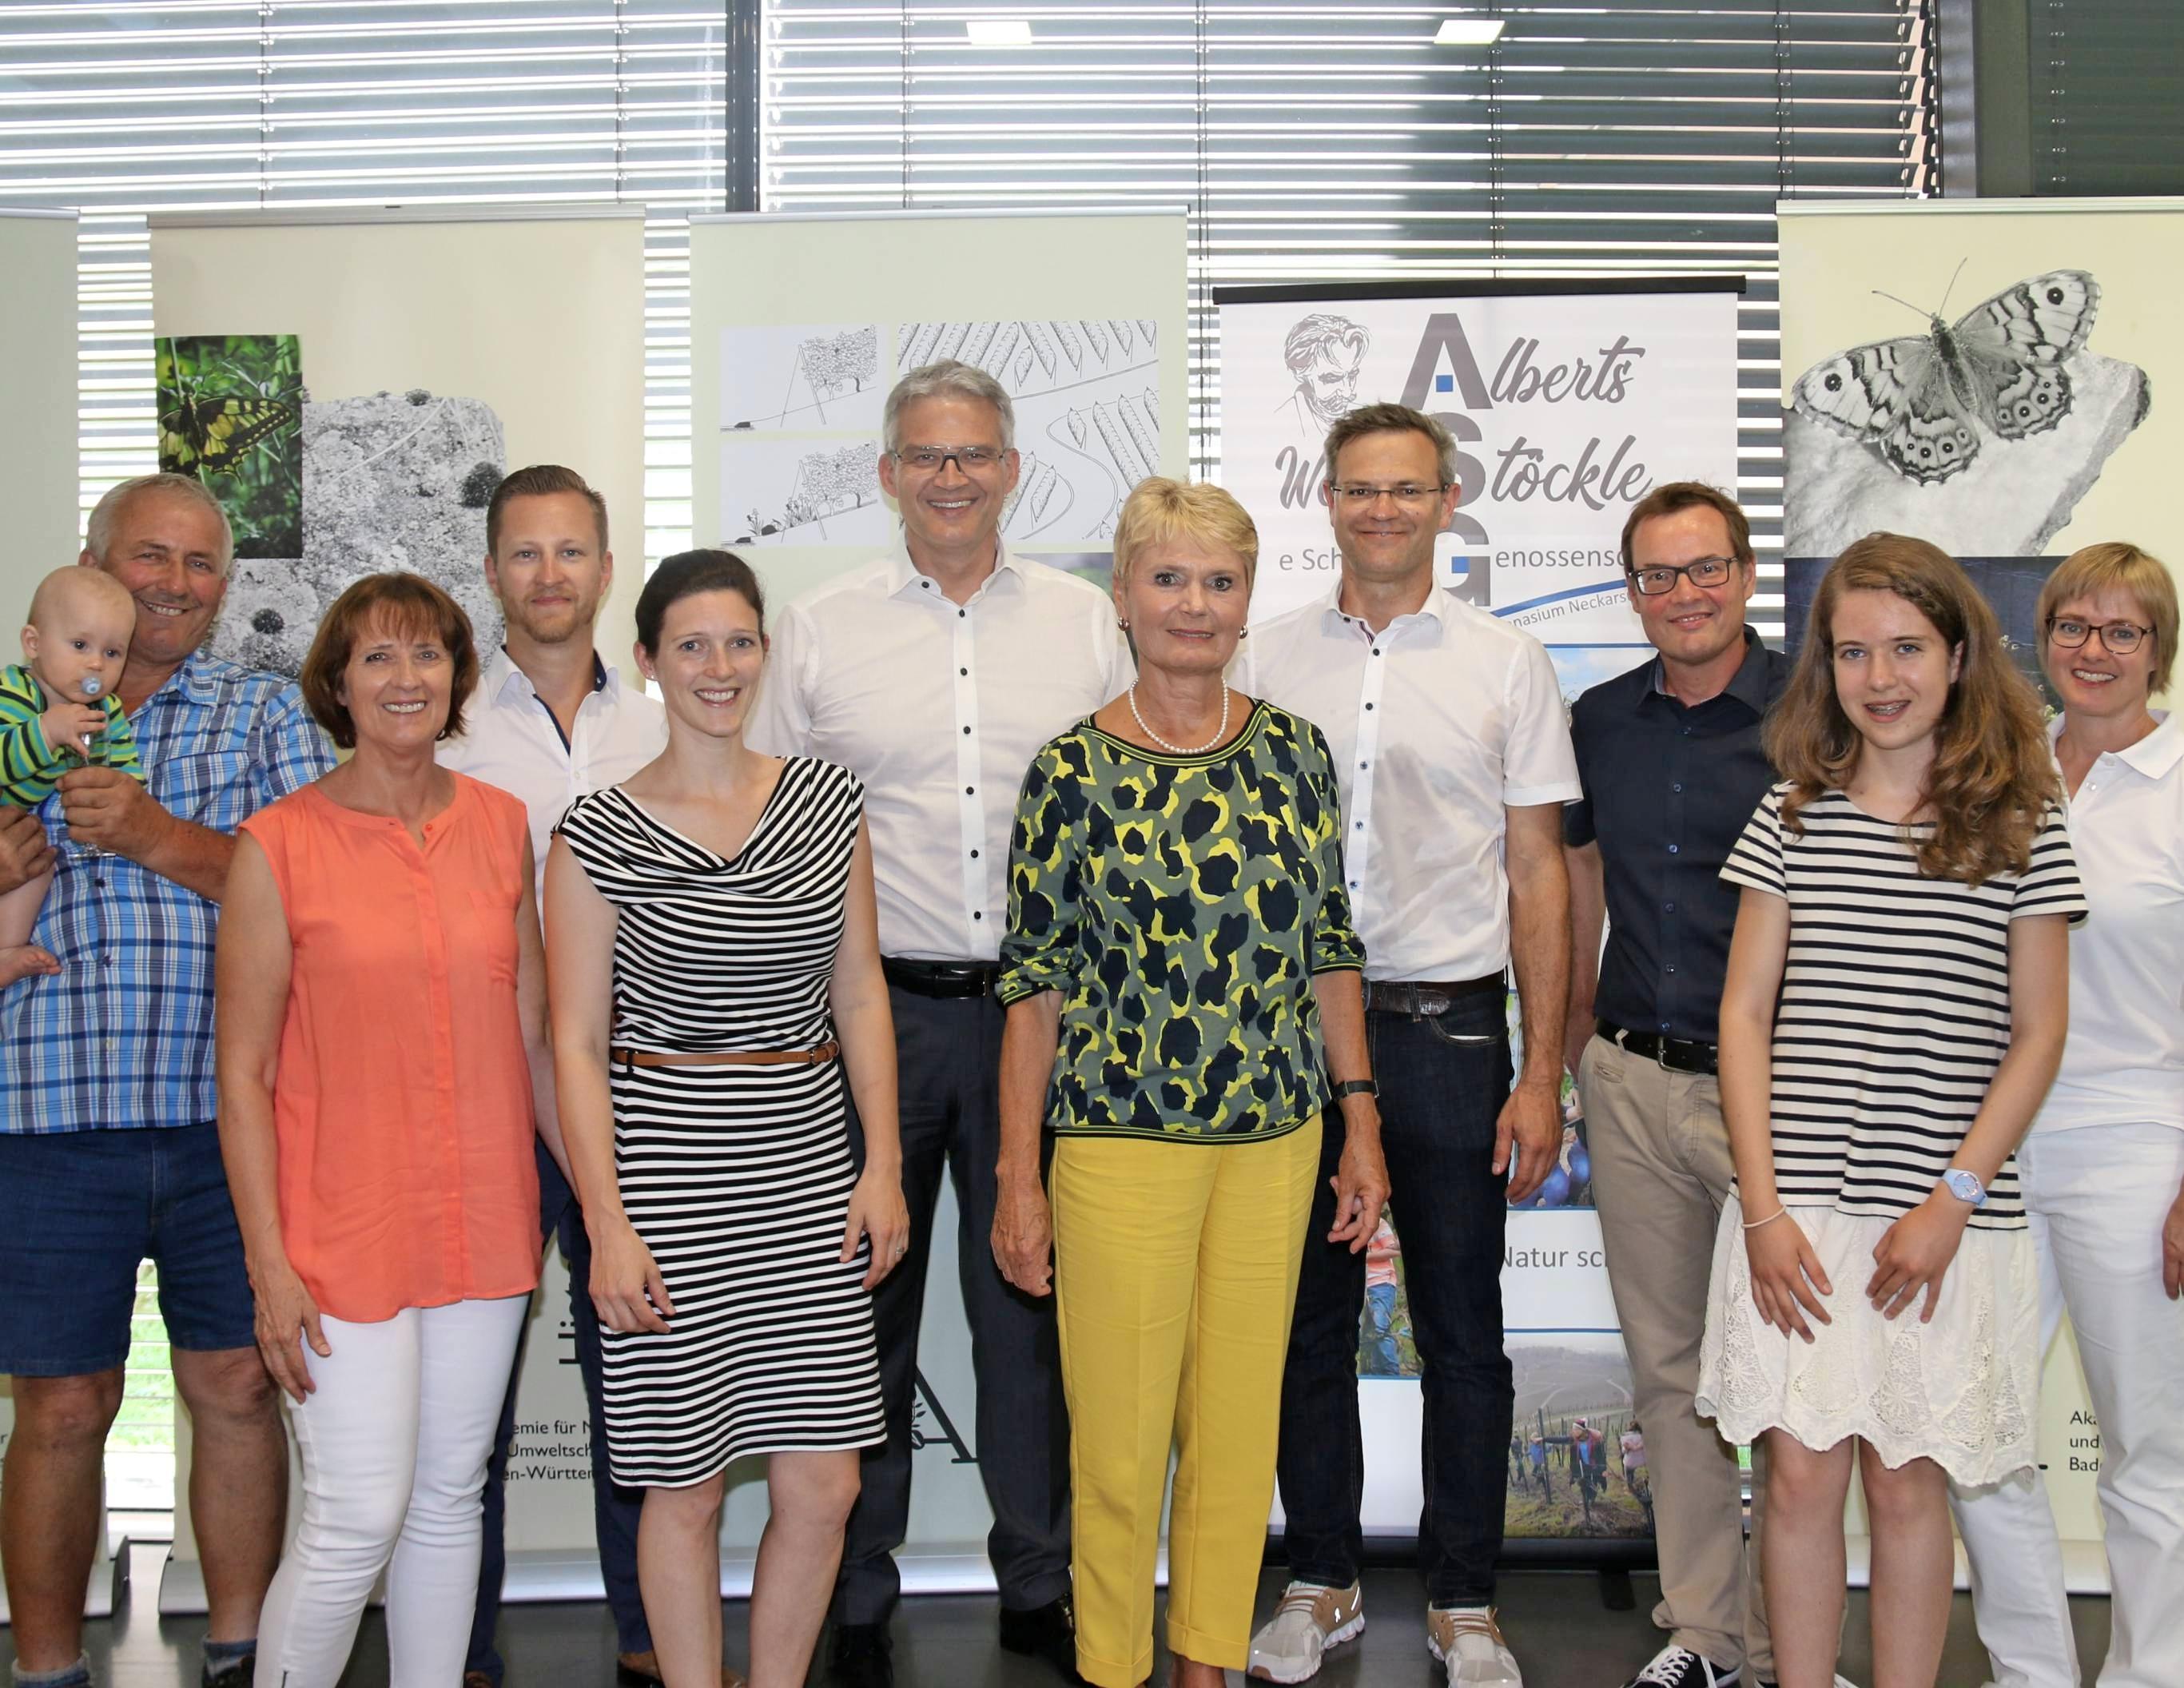 Im ASG traf Friedlinde Gurr-Hirsch (5. v. re.) Lehrer, Kocheltern und Schüler. Begrüßt wurde sie von Schulleiter Marco Haaf (4. v. re.) und OB Steffen Hertwig (6. v. re.).